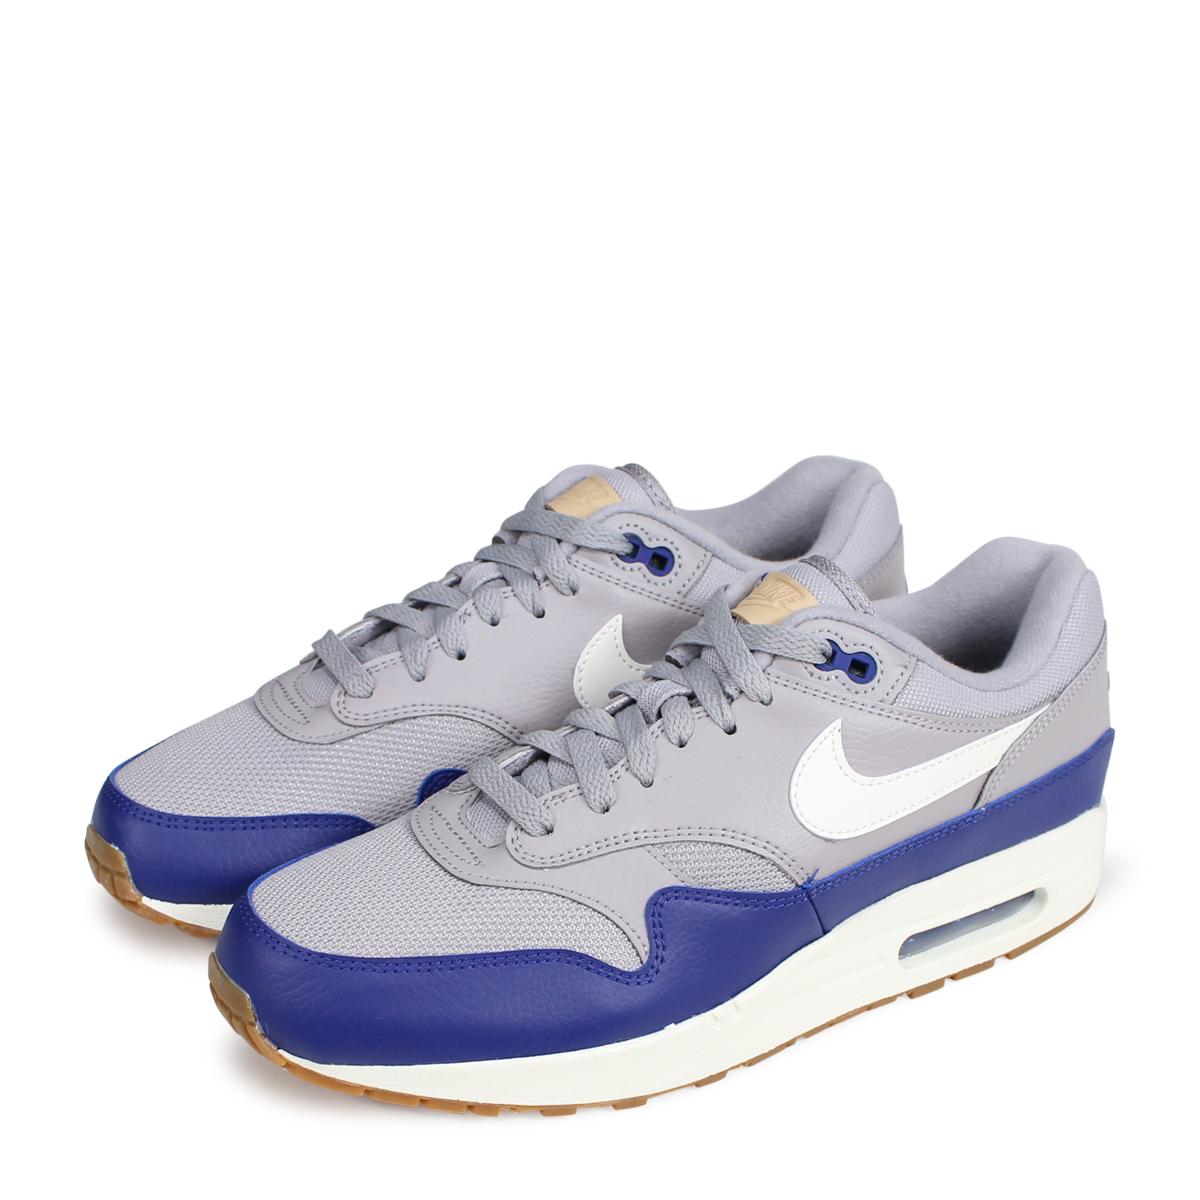 NIKE AIR MAX 1 Kie Ney AMAX 1 sneakers men AH8145 008 gray [925 Shinnyu load] [1810]